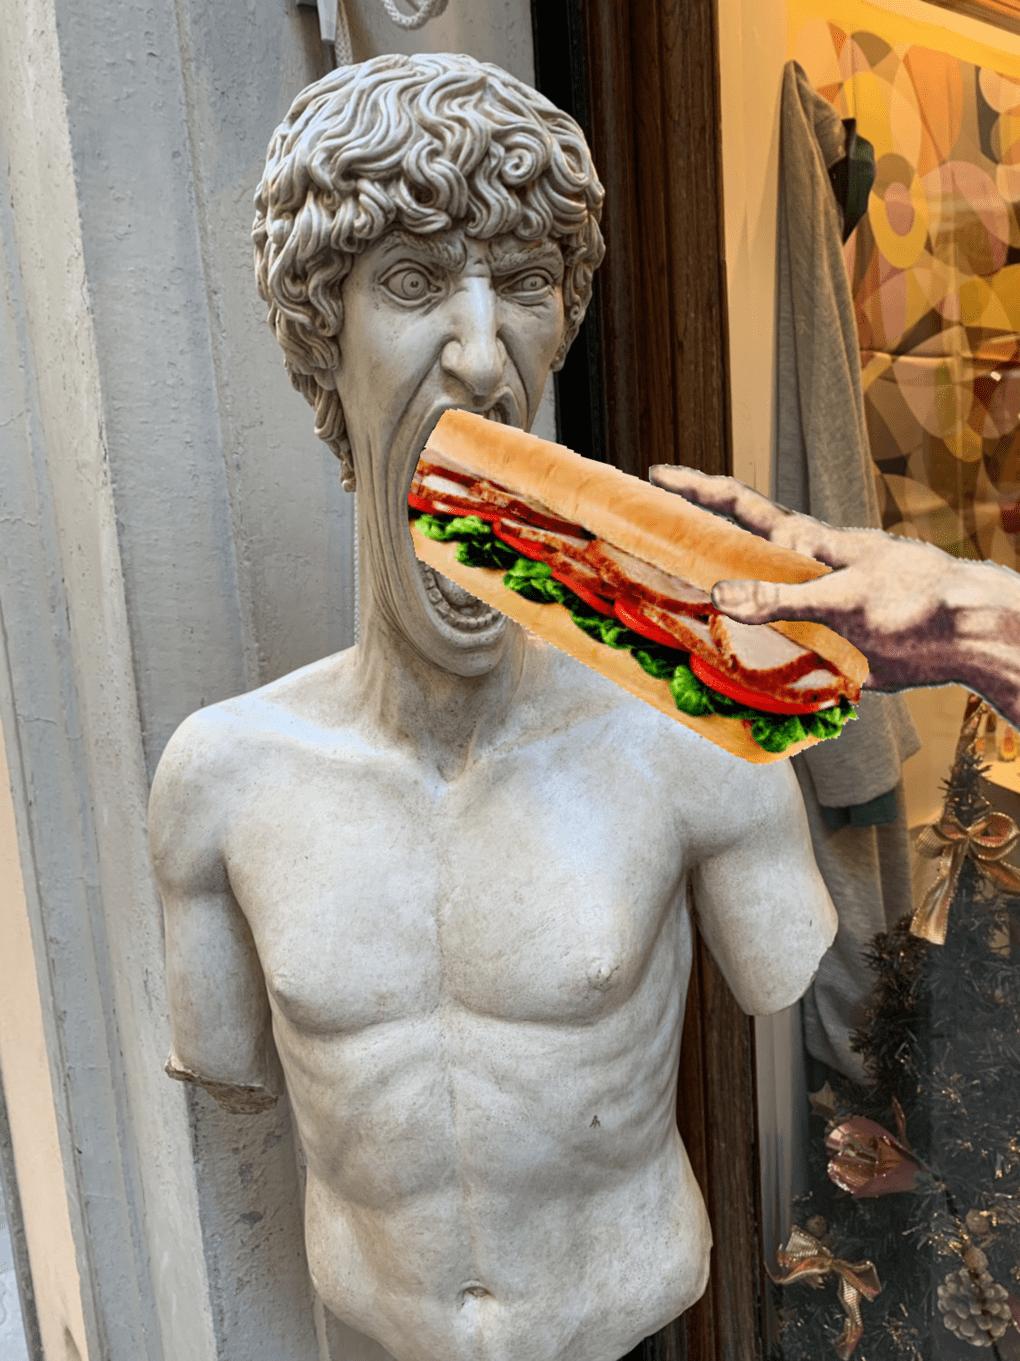 В сети появилось фото орущей статуи из Италии, которая докричалась до всех фотошопщиков интернета 11